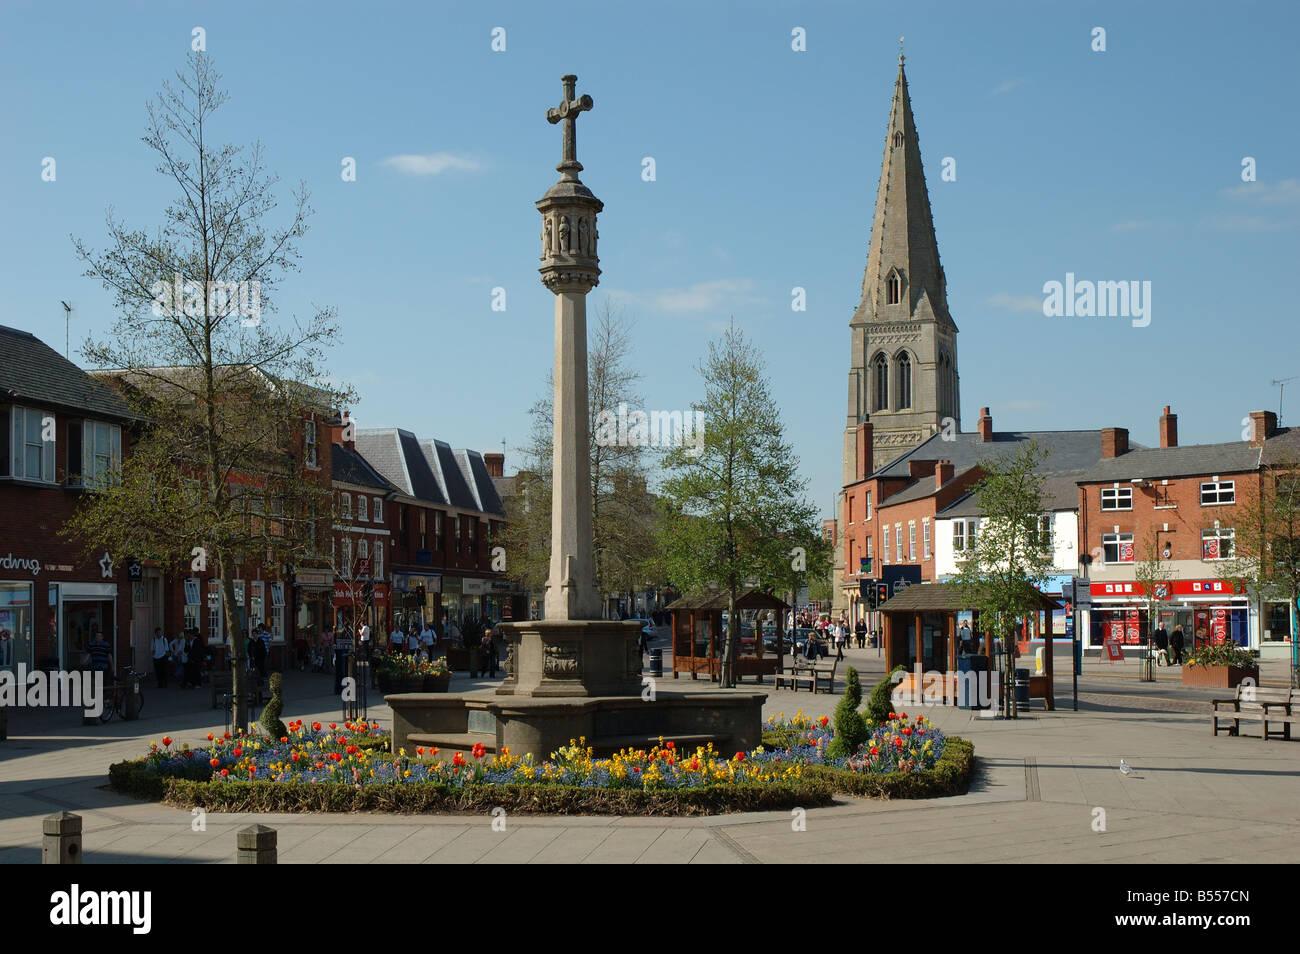 Market Harborough, Leicestershire, England, UK - Stock Image